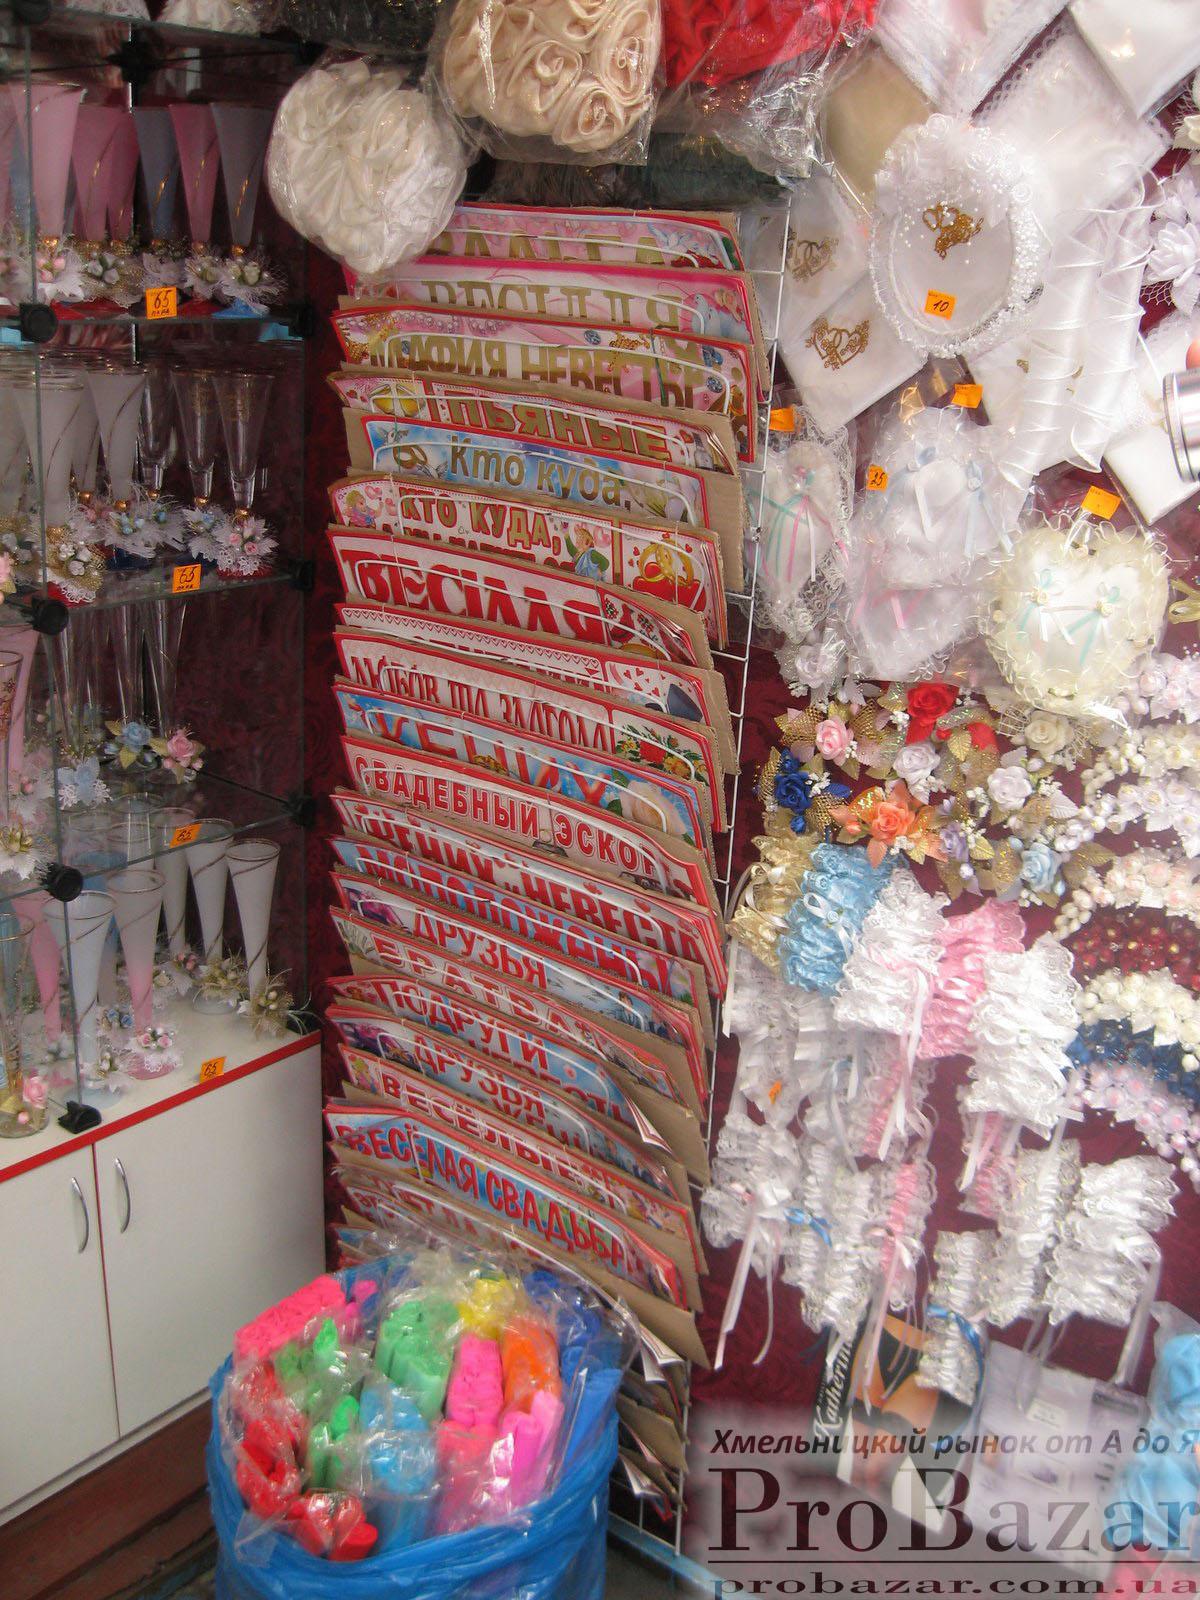 Хмельницкий рынок: Шуточные номера для свадебных кортежей